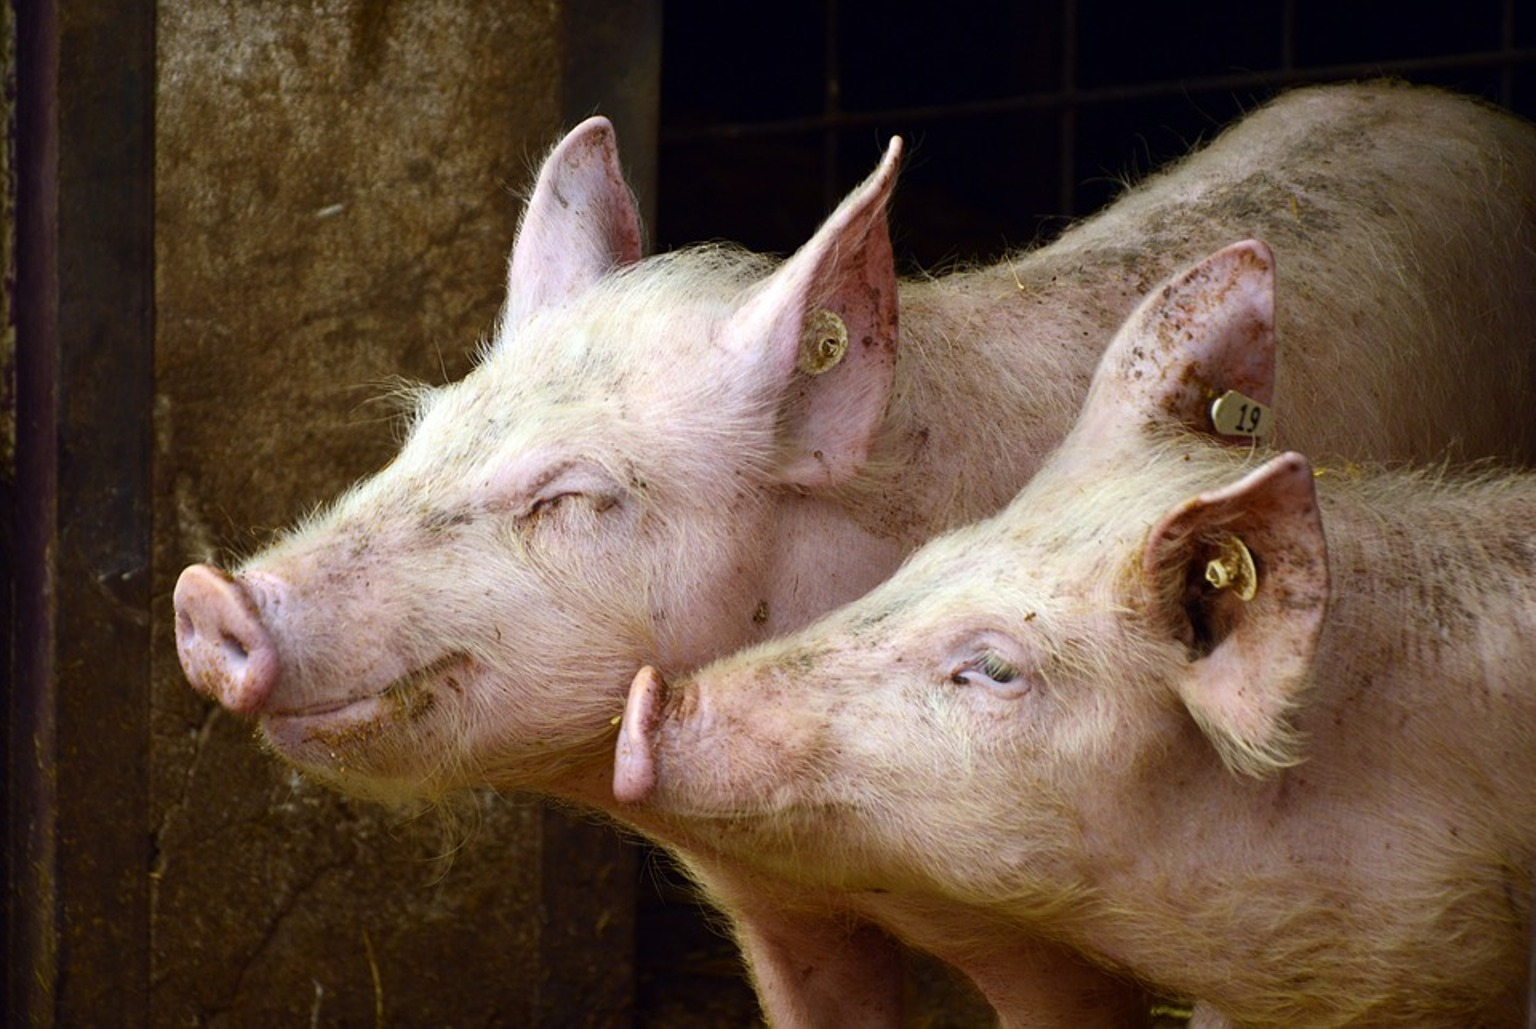 56-letnia kobieta ZEMDLAŁA podczas karmienia ŚWIŃ. Głodne zwierzęta zrobiły z nią coś PRZERAŻAJĄCEGO!